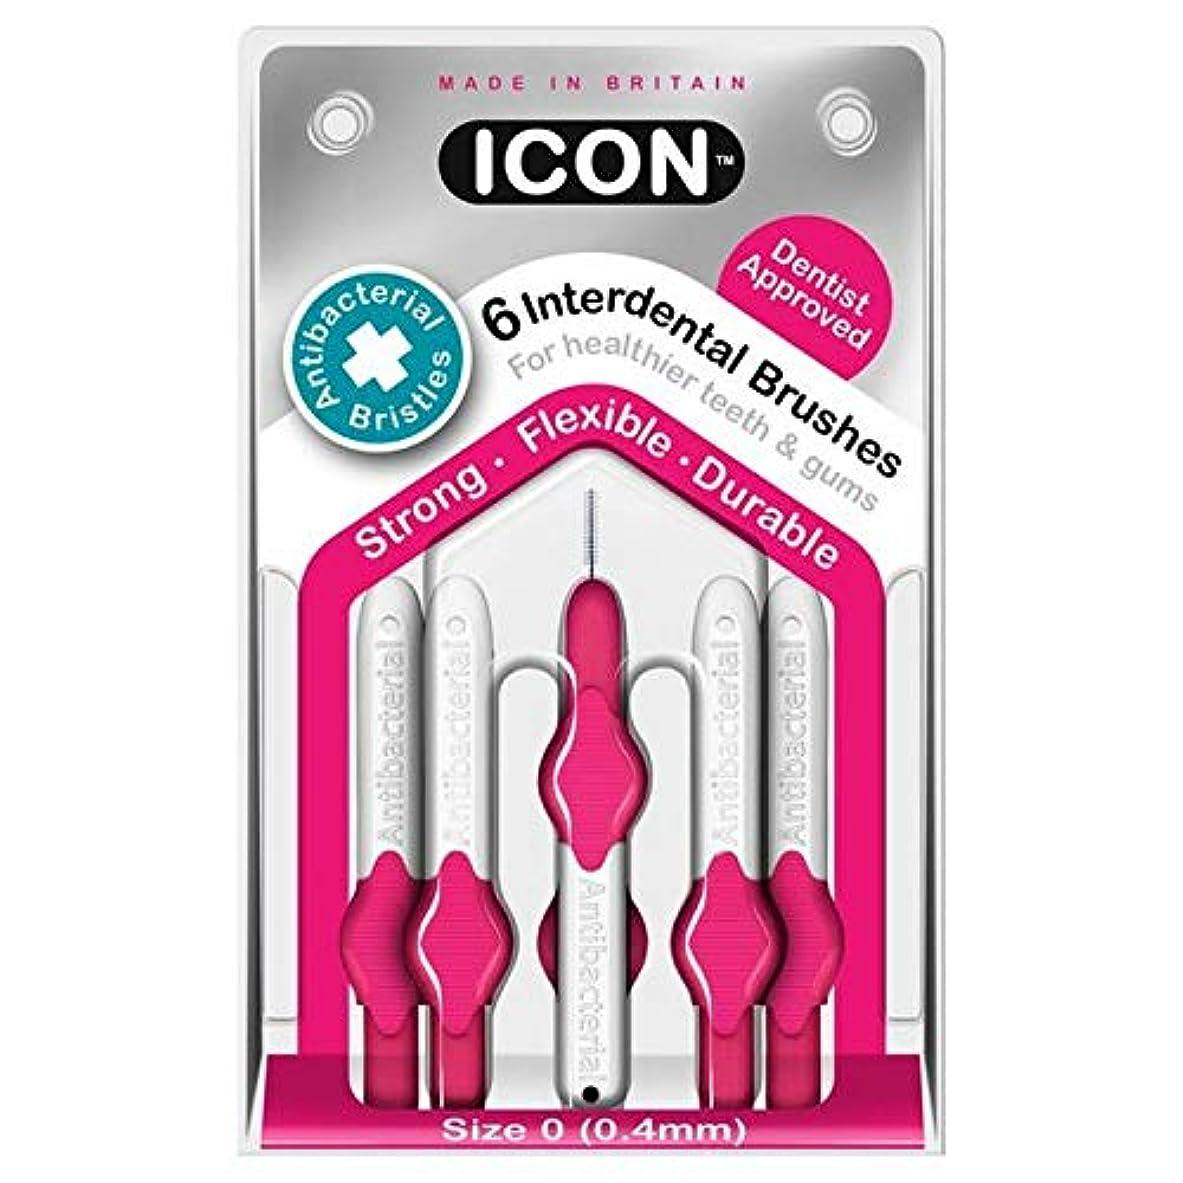 雪だるま崩壊トマト[Icon ] アイコンの歯間には、パックあたり0.4ミリメートル6ブラシ - Icon Interdental Brushes 0.4mm 6 per pack [並行輸入品]